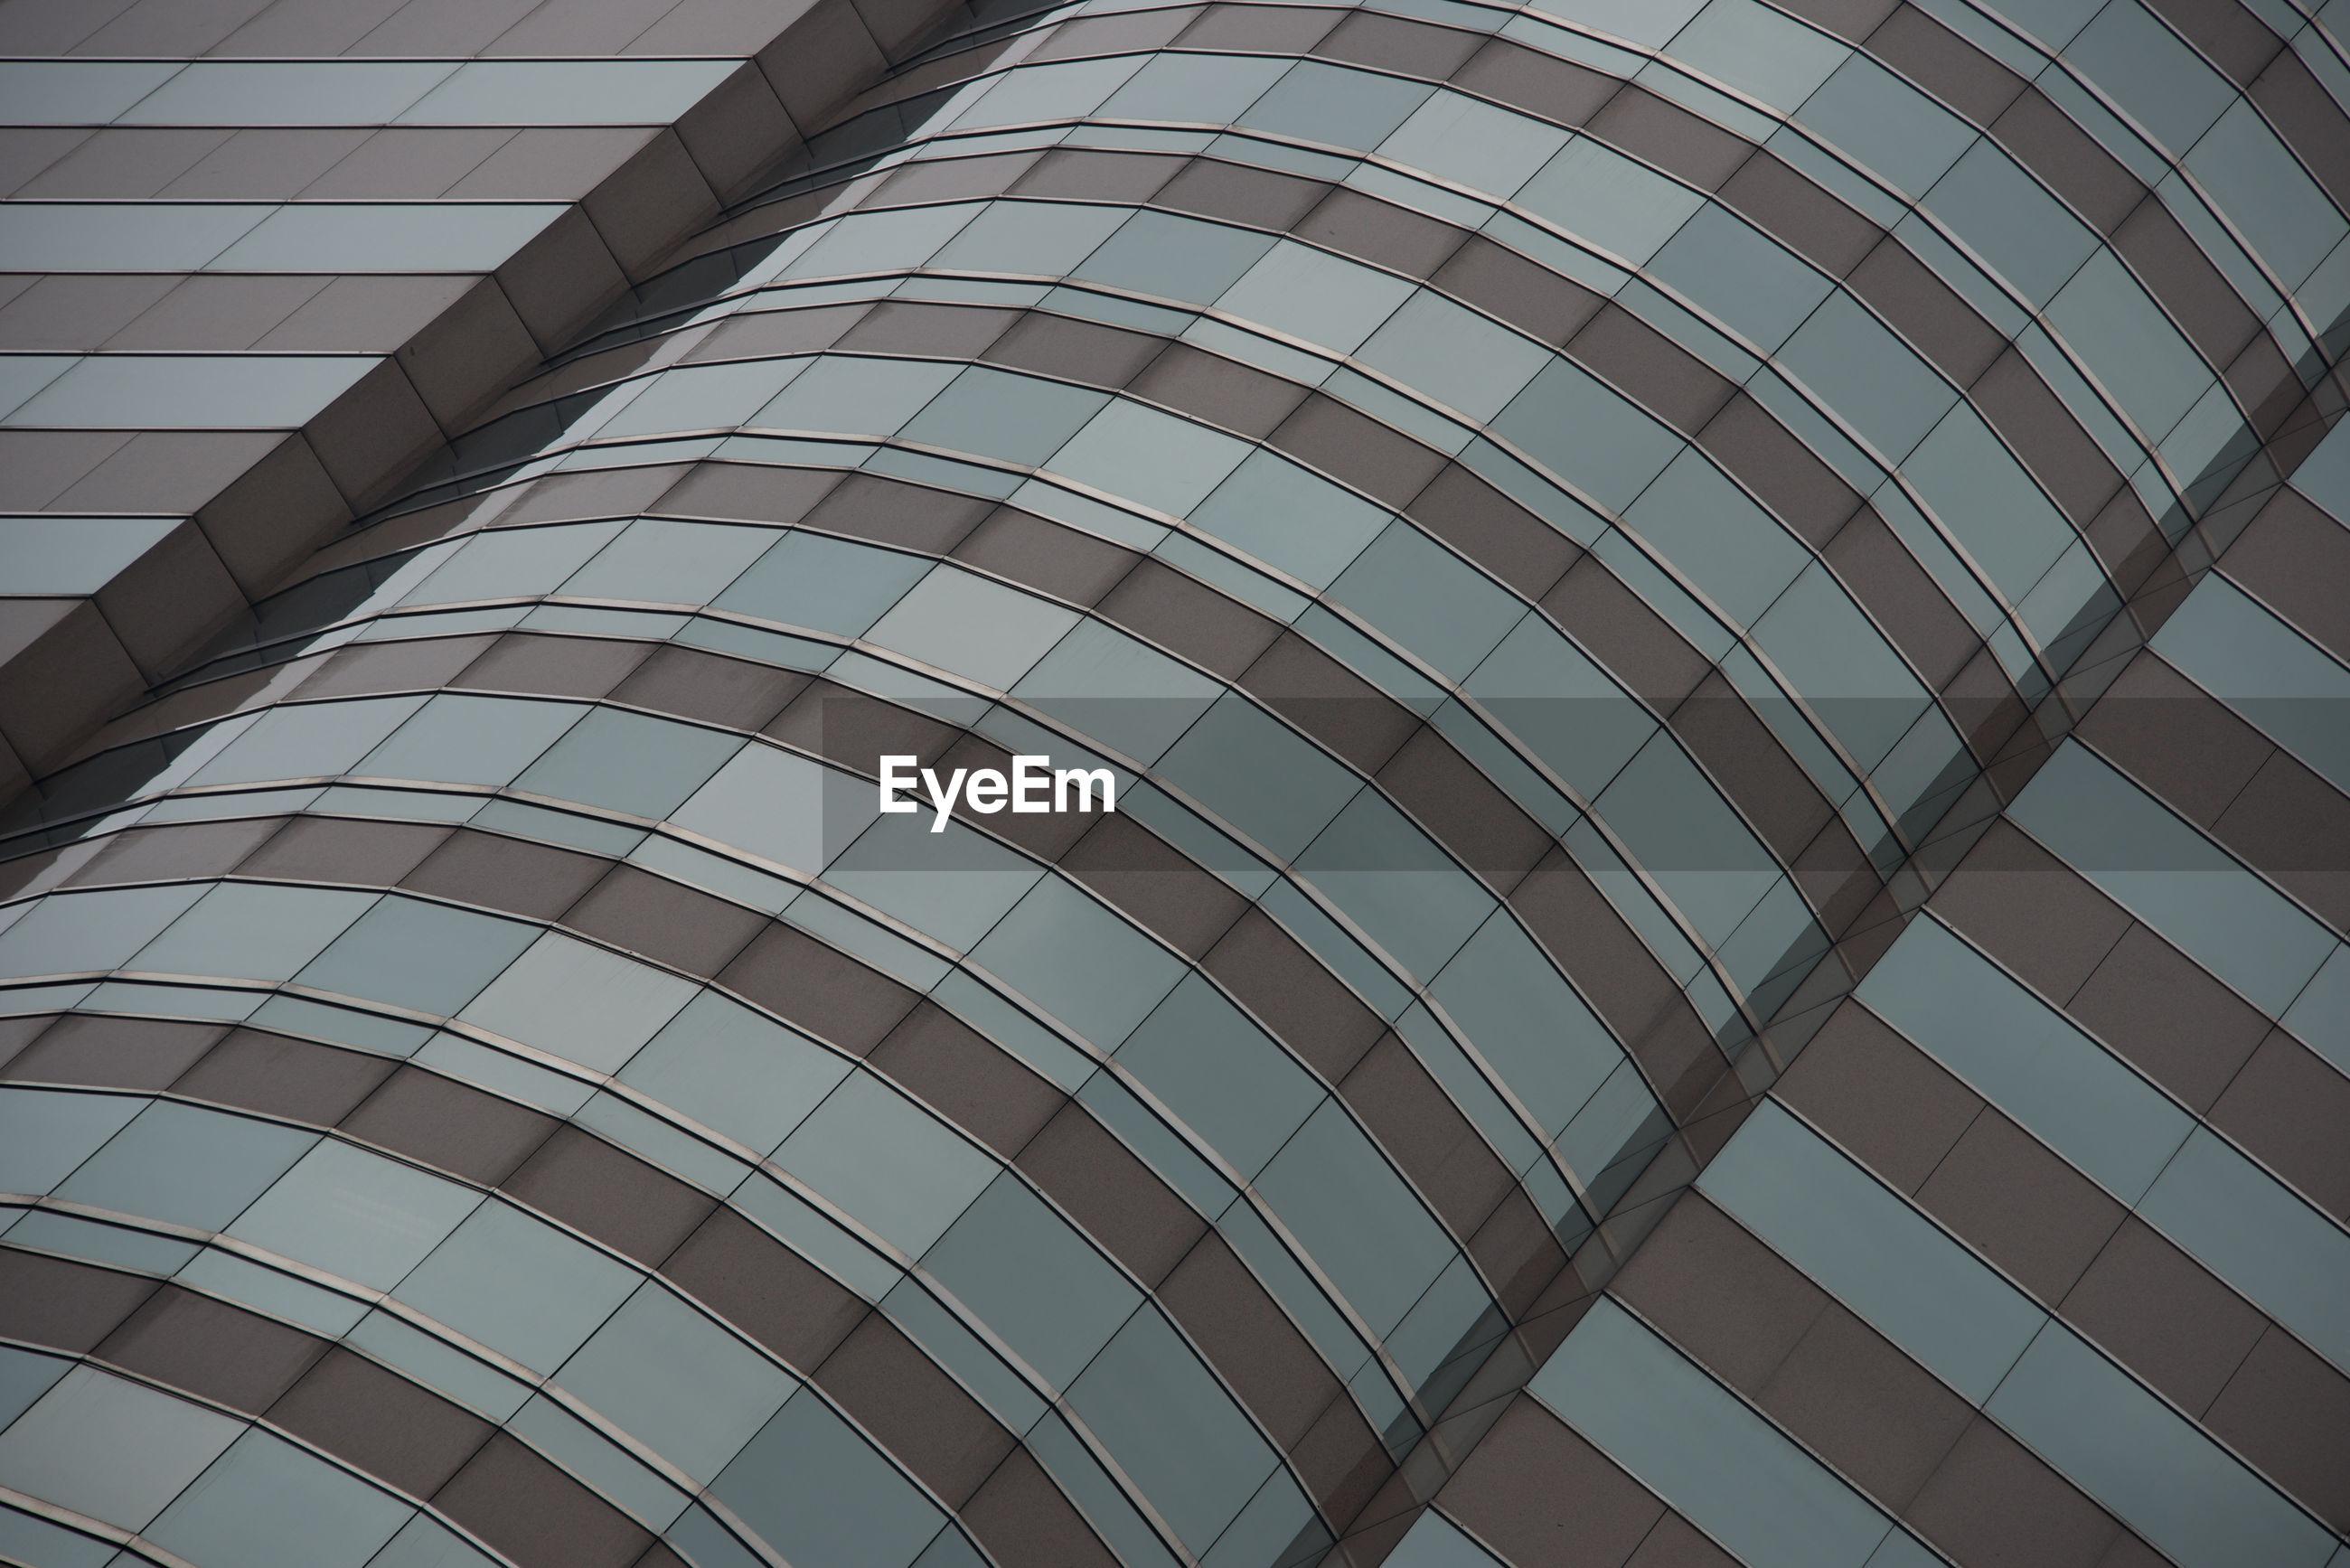 Full frame shot of modern glass building in city